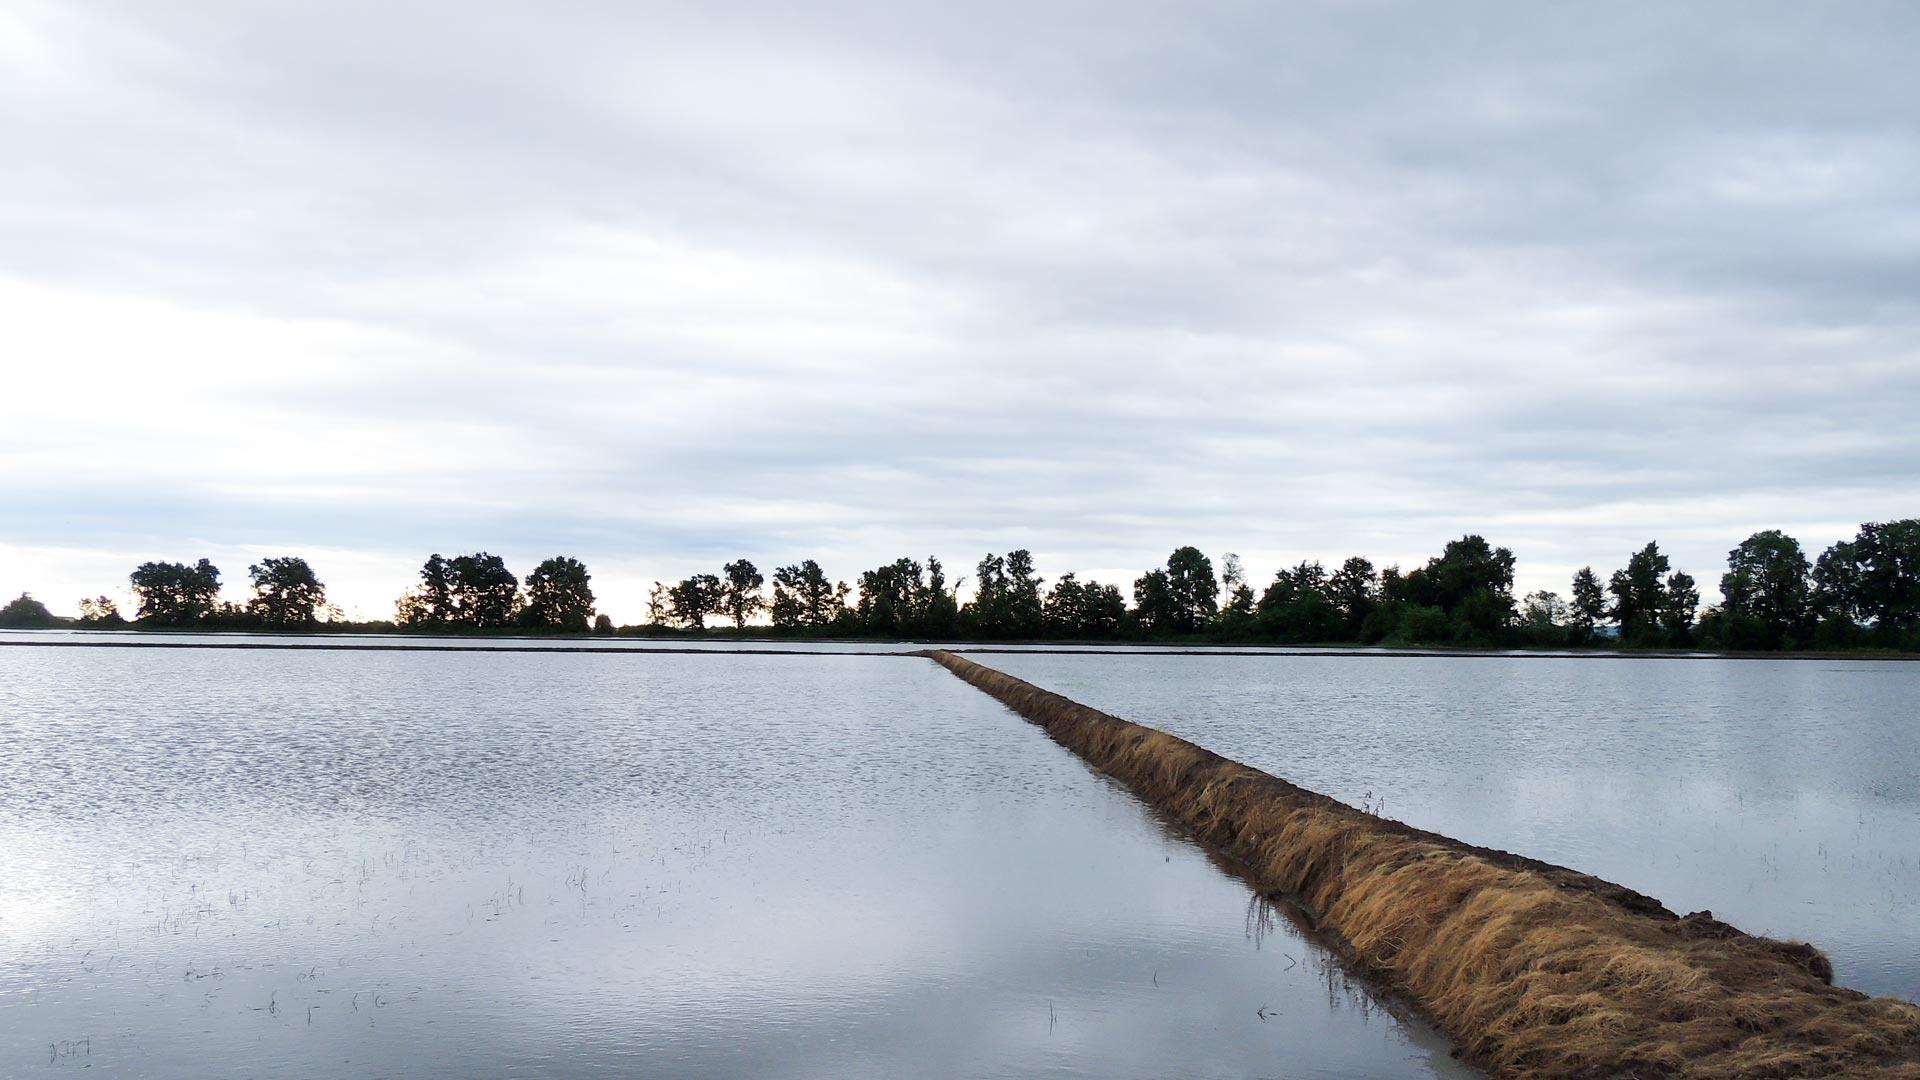 Azienda-Agricola-Lodigana-Riseria-Ronsecco-Vercelli-03